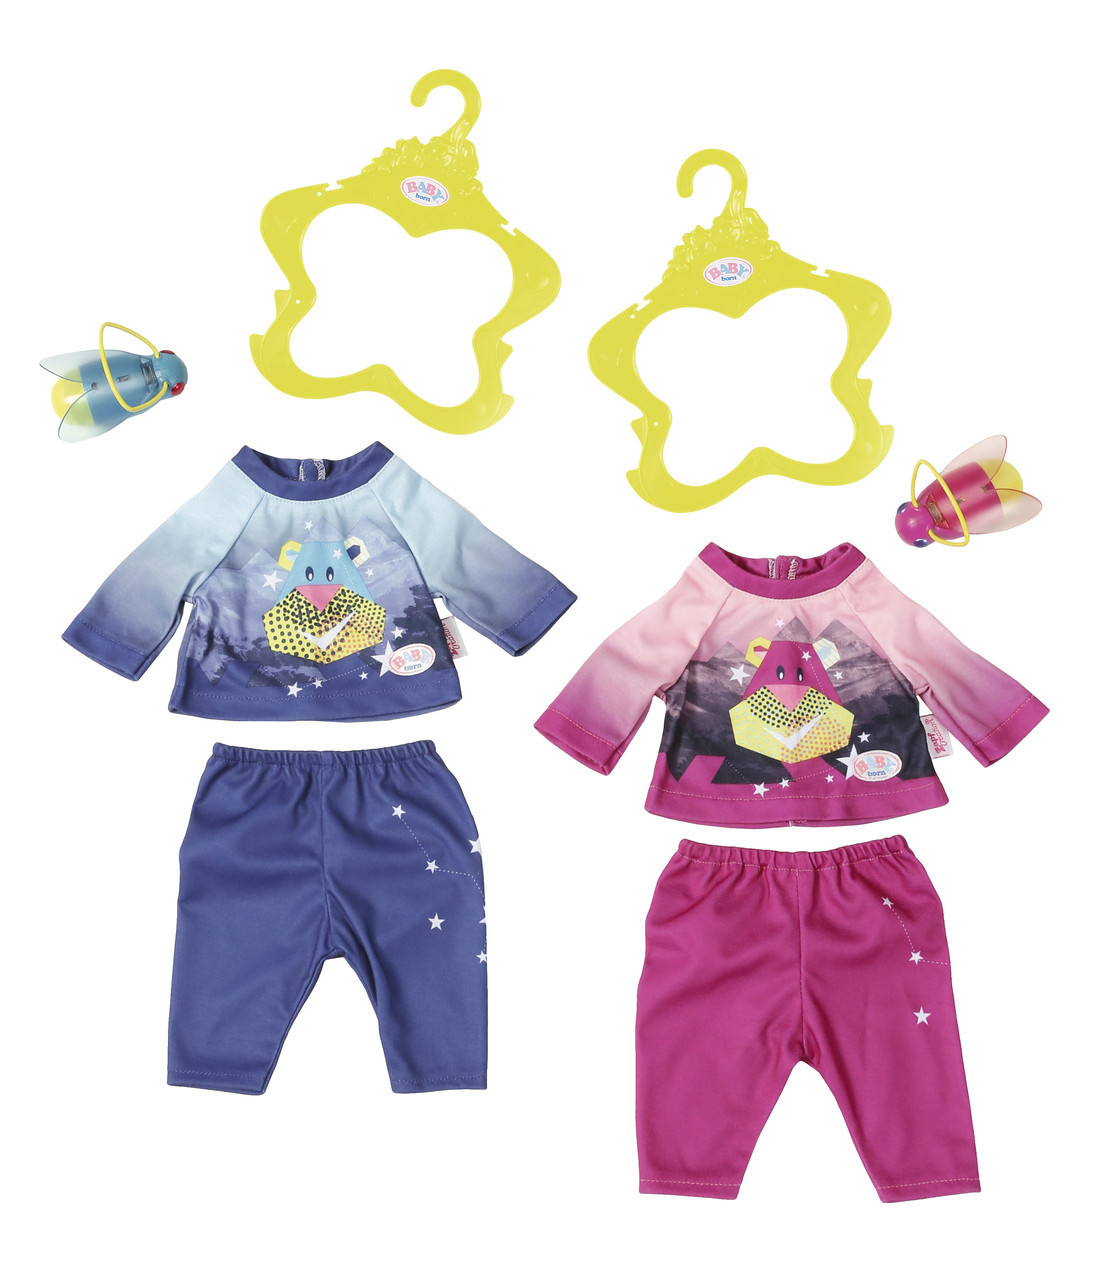 Набор одежды для куклы Zapf Baby Born - Вечерняя прогулка в ассортименте (824818)